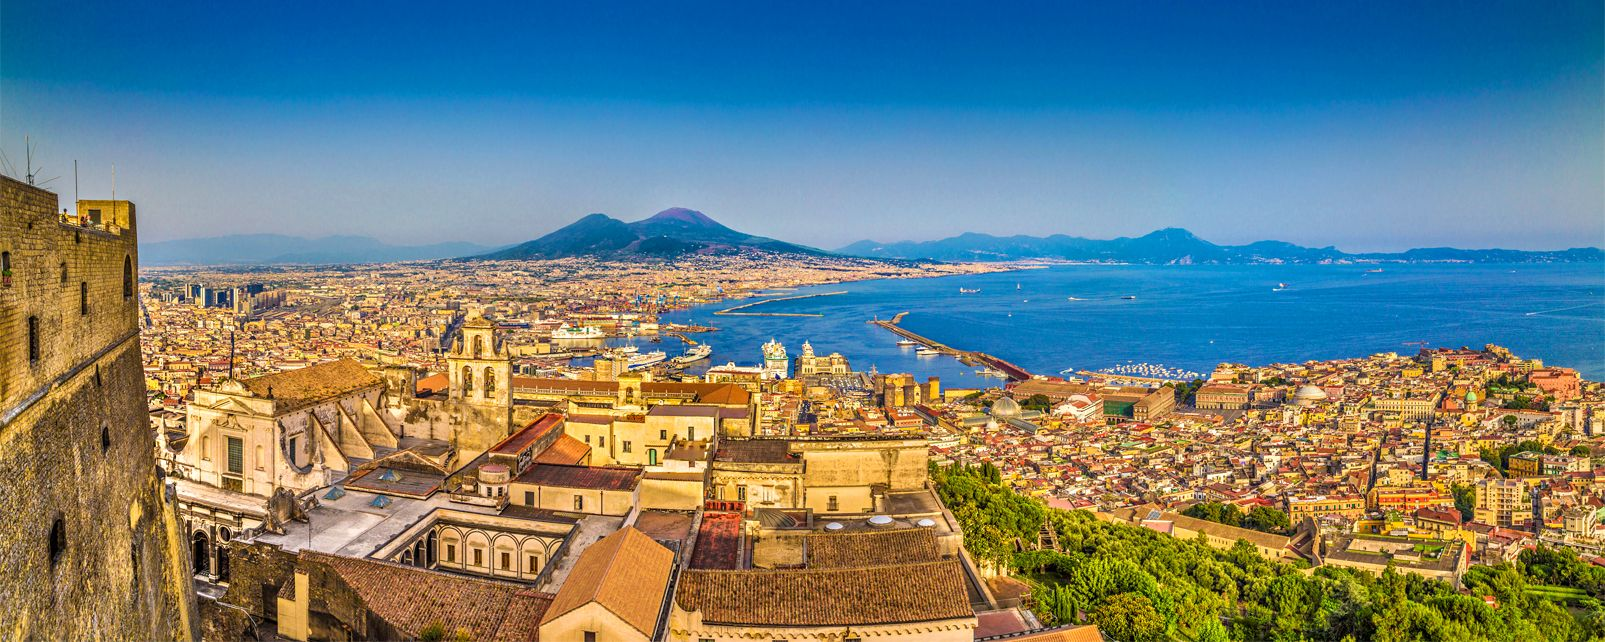 Bahía Nápoles